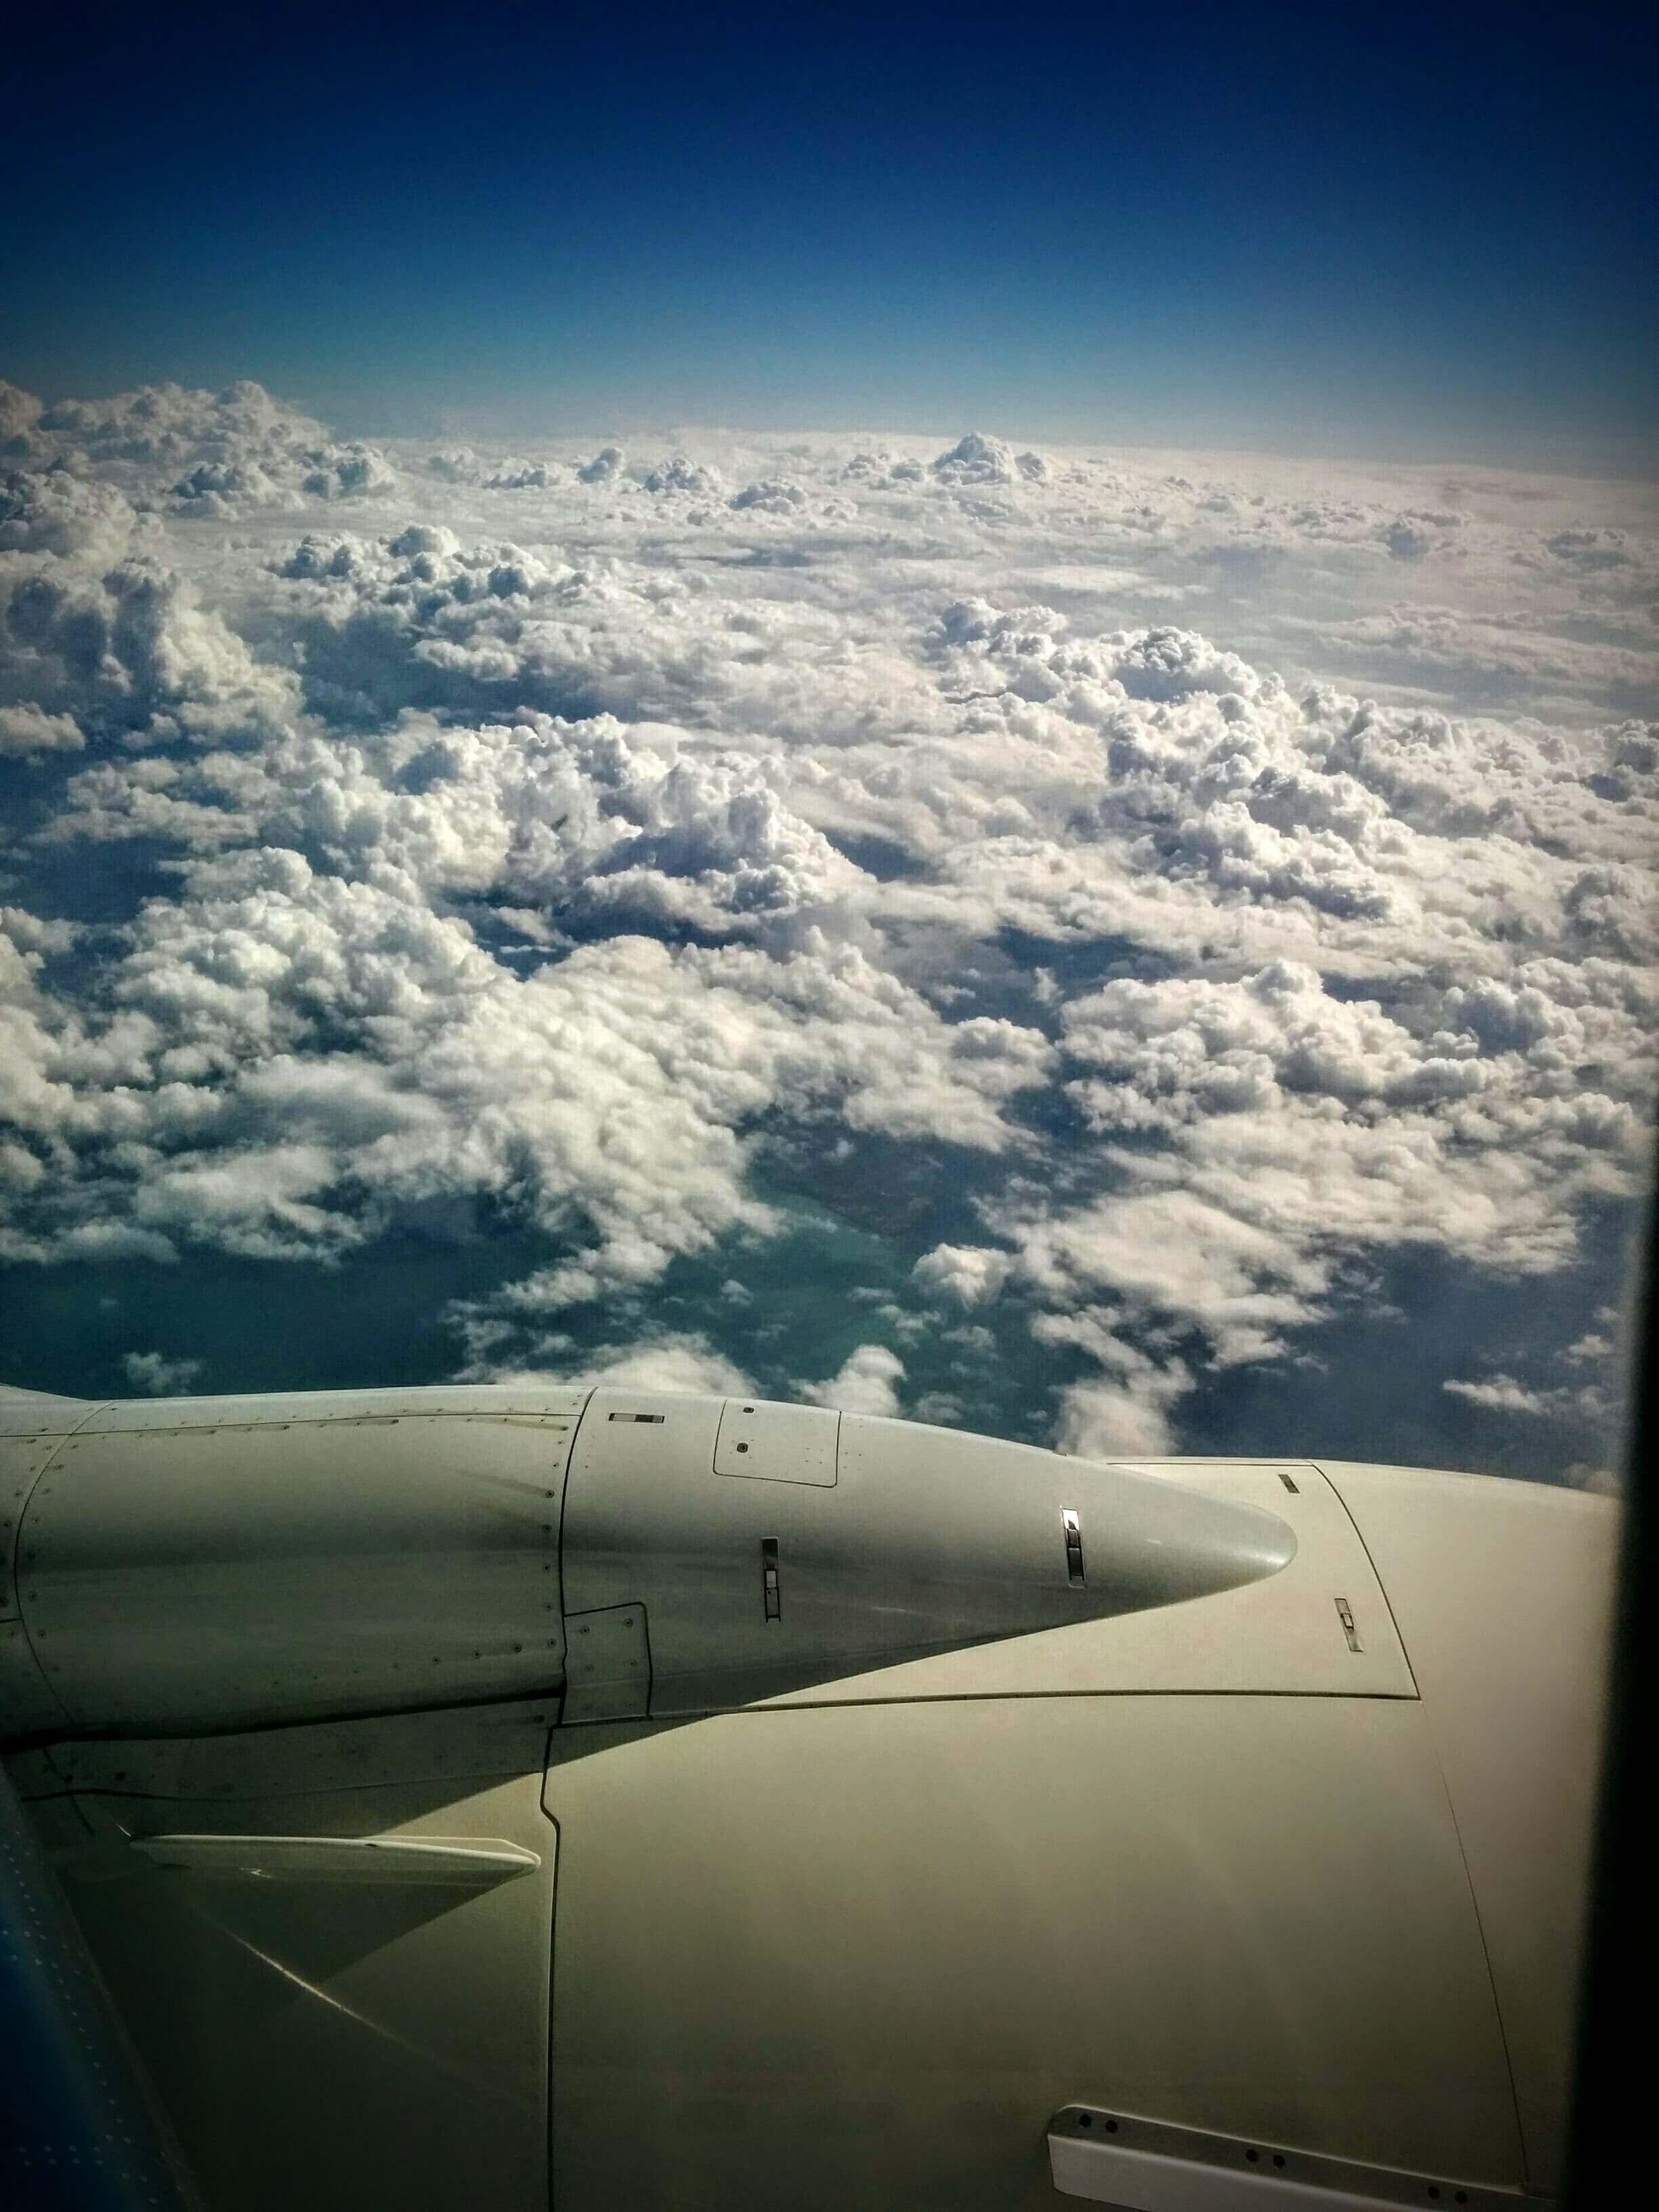 פחד מטיסות קברניט מיקי כץ.סמינר טיסה ללא פחד עם קברניט מיקי כץ